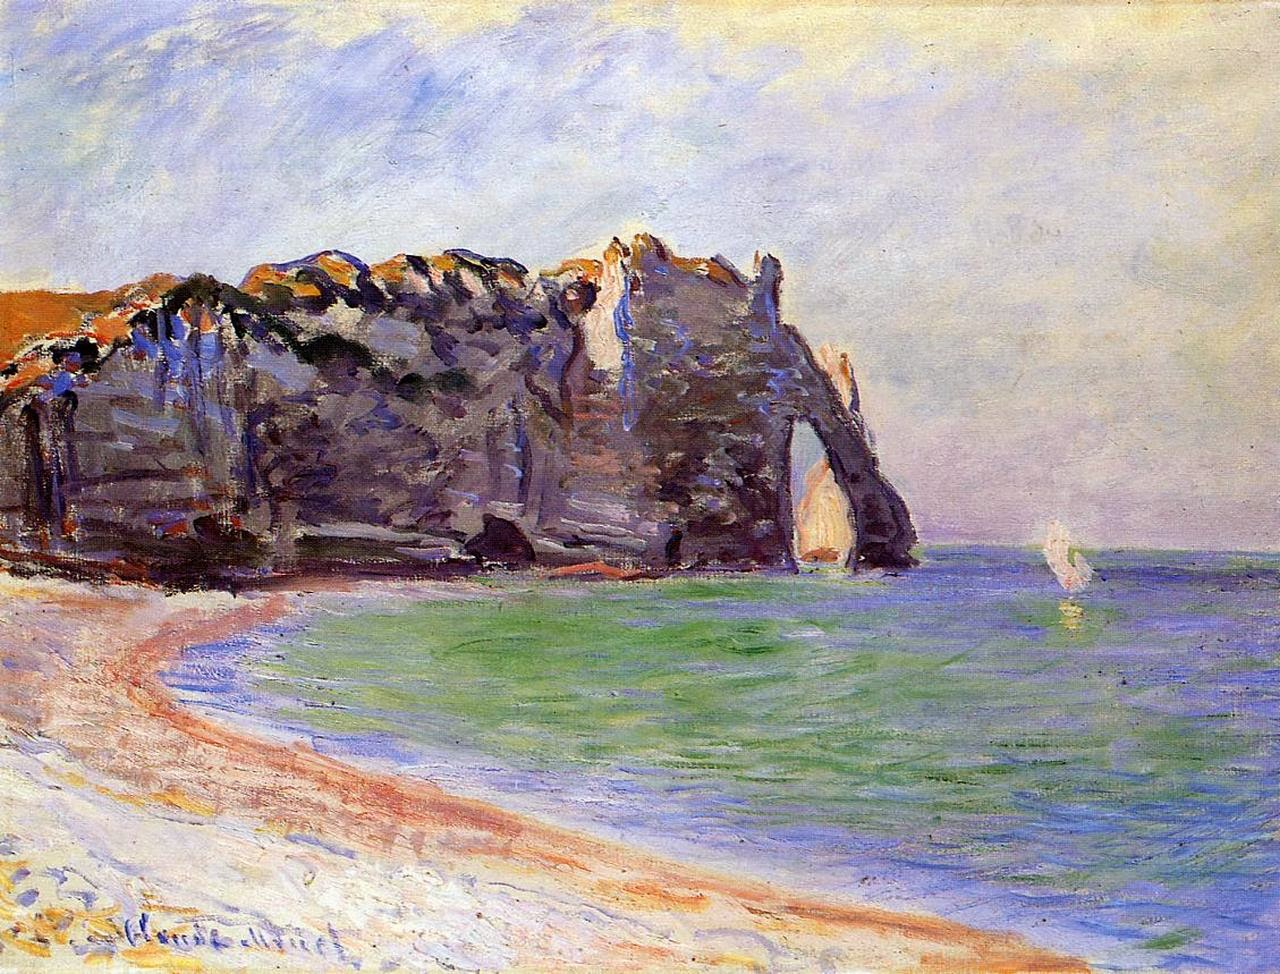 скалы и море < Этрета, порт д'Аваль >:: Клод Моне, описание картины - Claude Monet фото